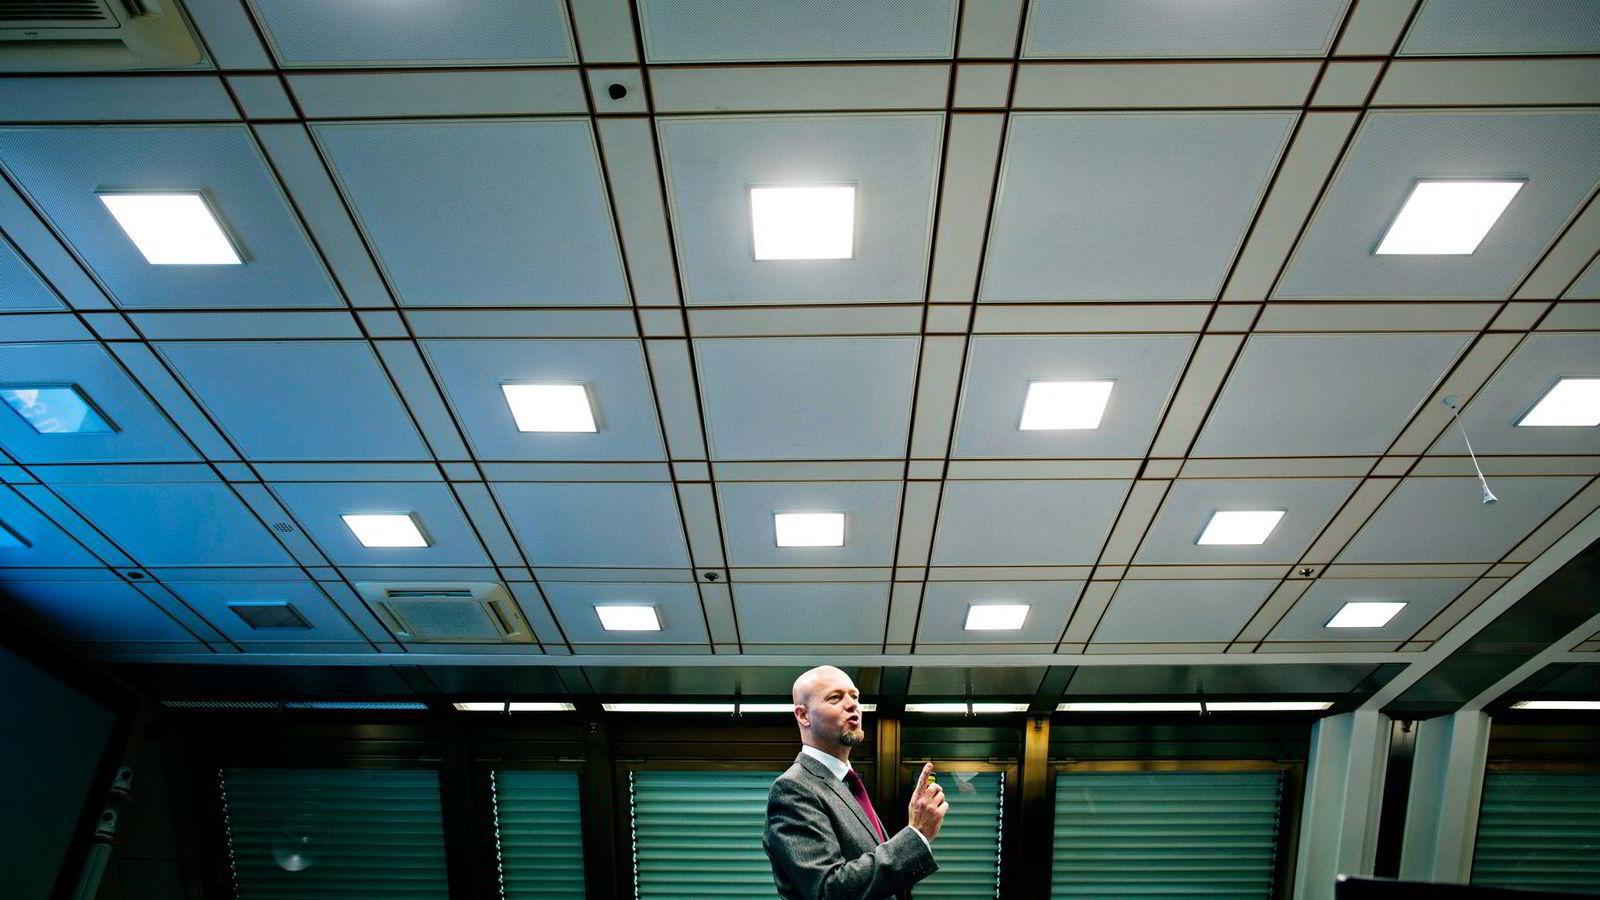 Oljefondet og toppsjef Yngve Slyngstad har mer penger i skatteparadiser enn i Sverige. Foto: